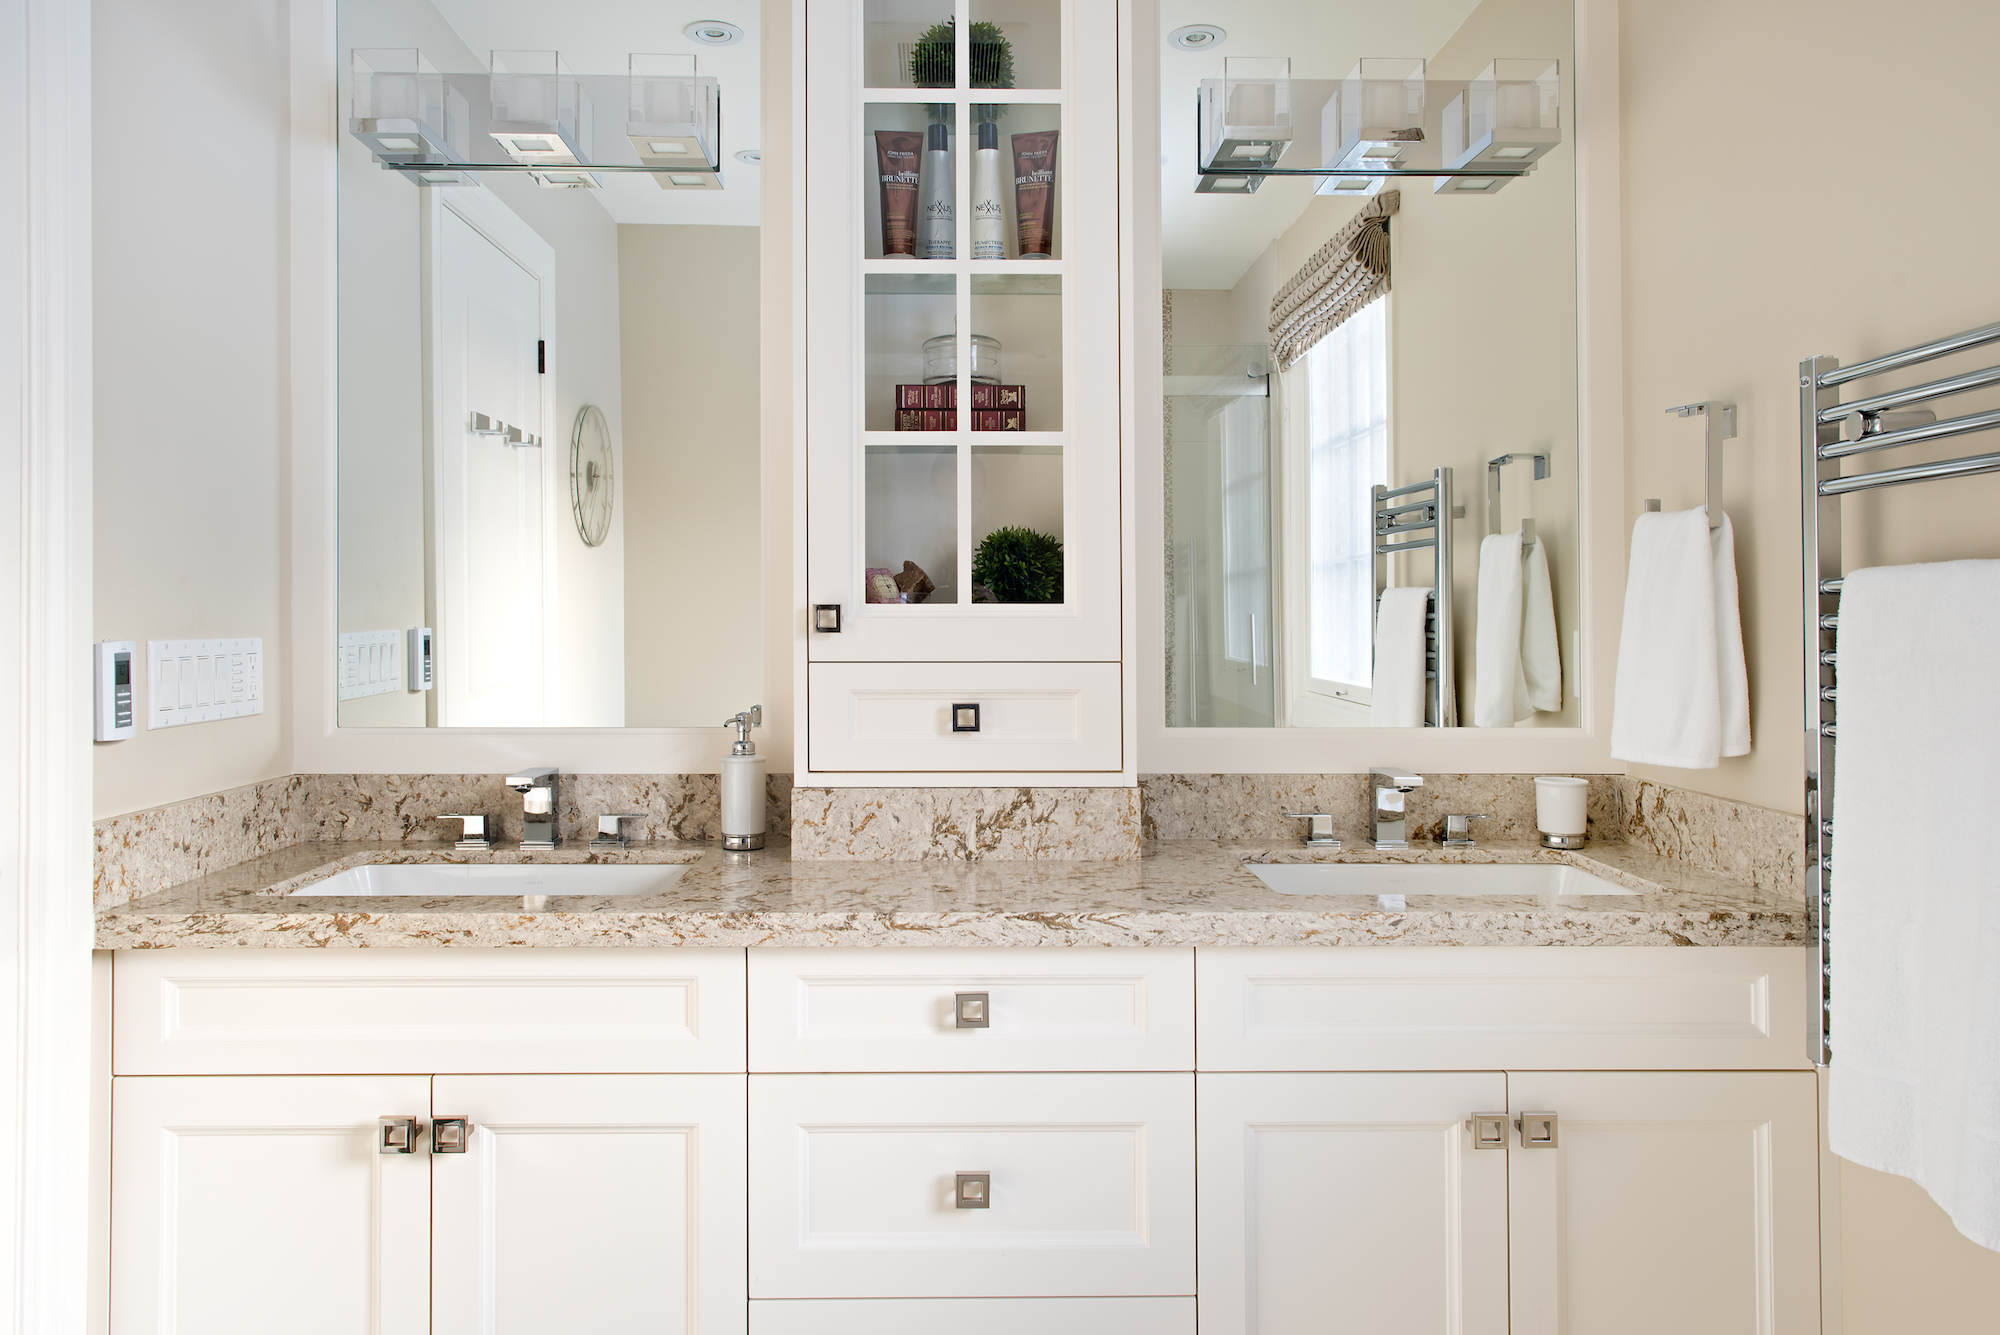 19 Pizzale Design Interior Decorating  bathroom elegant clean simple beige white.jpg